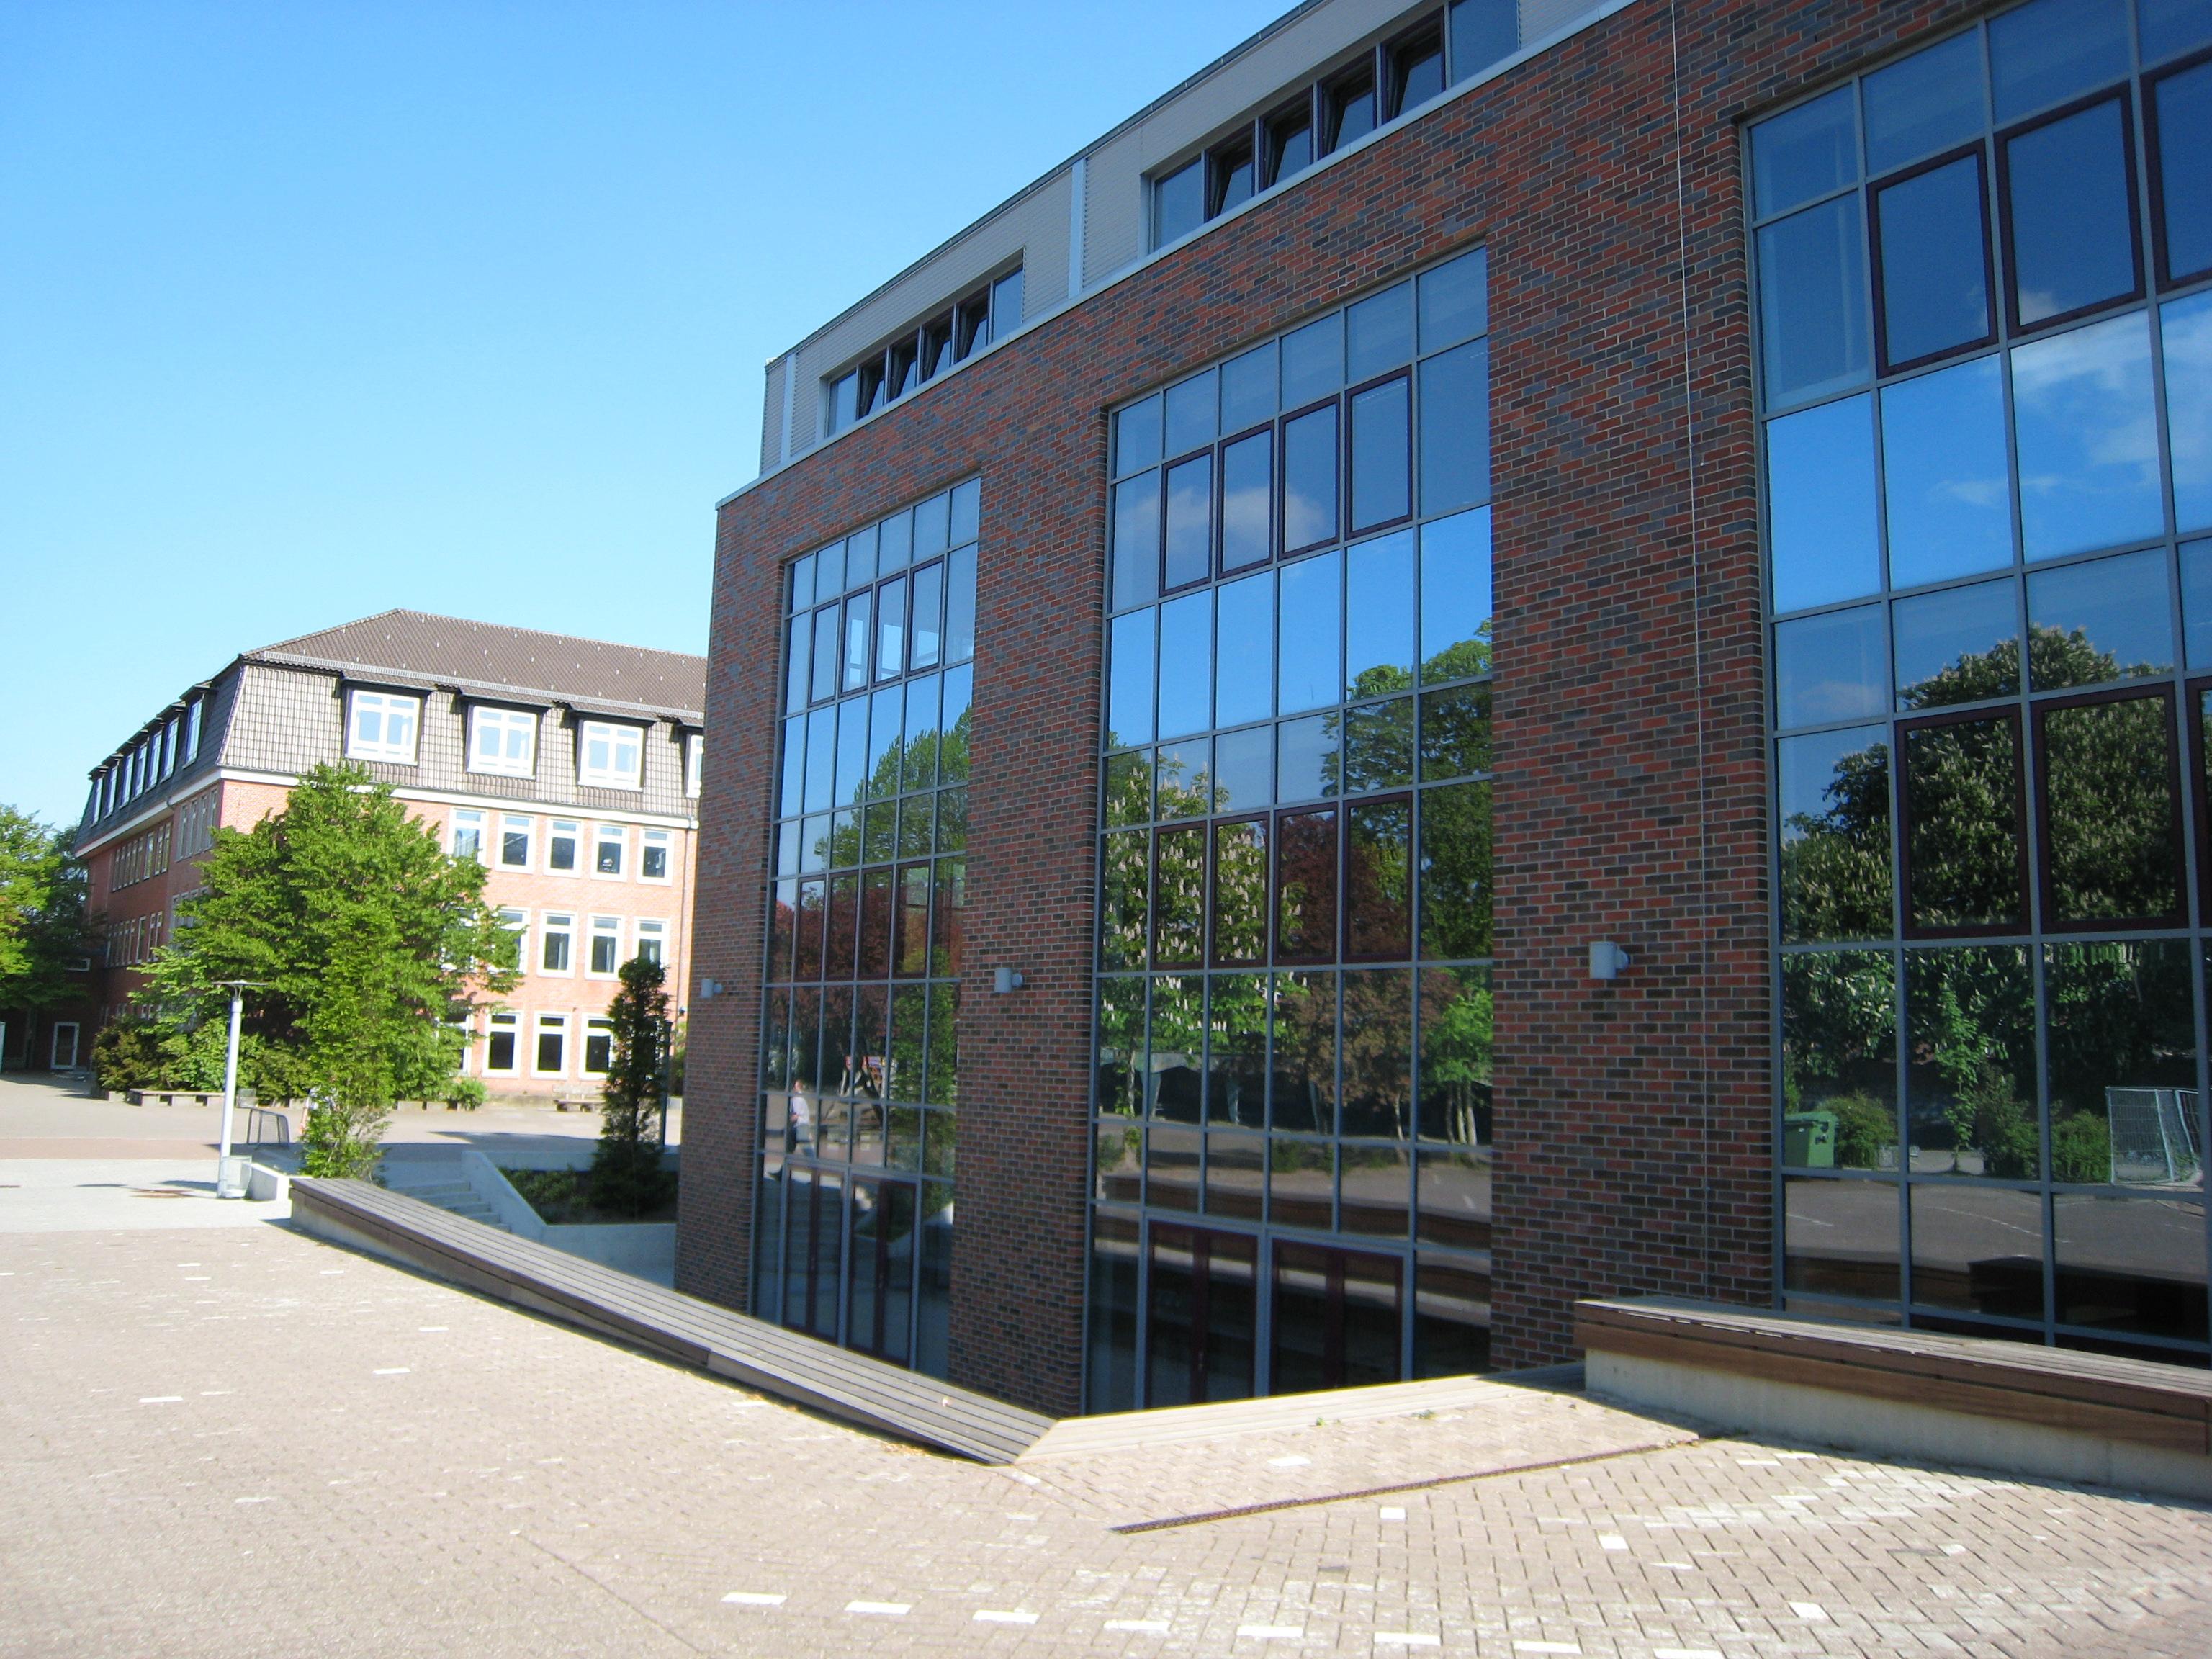 Ulrichsgymnasium Norden